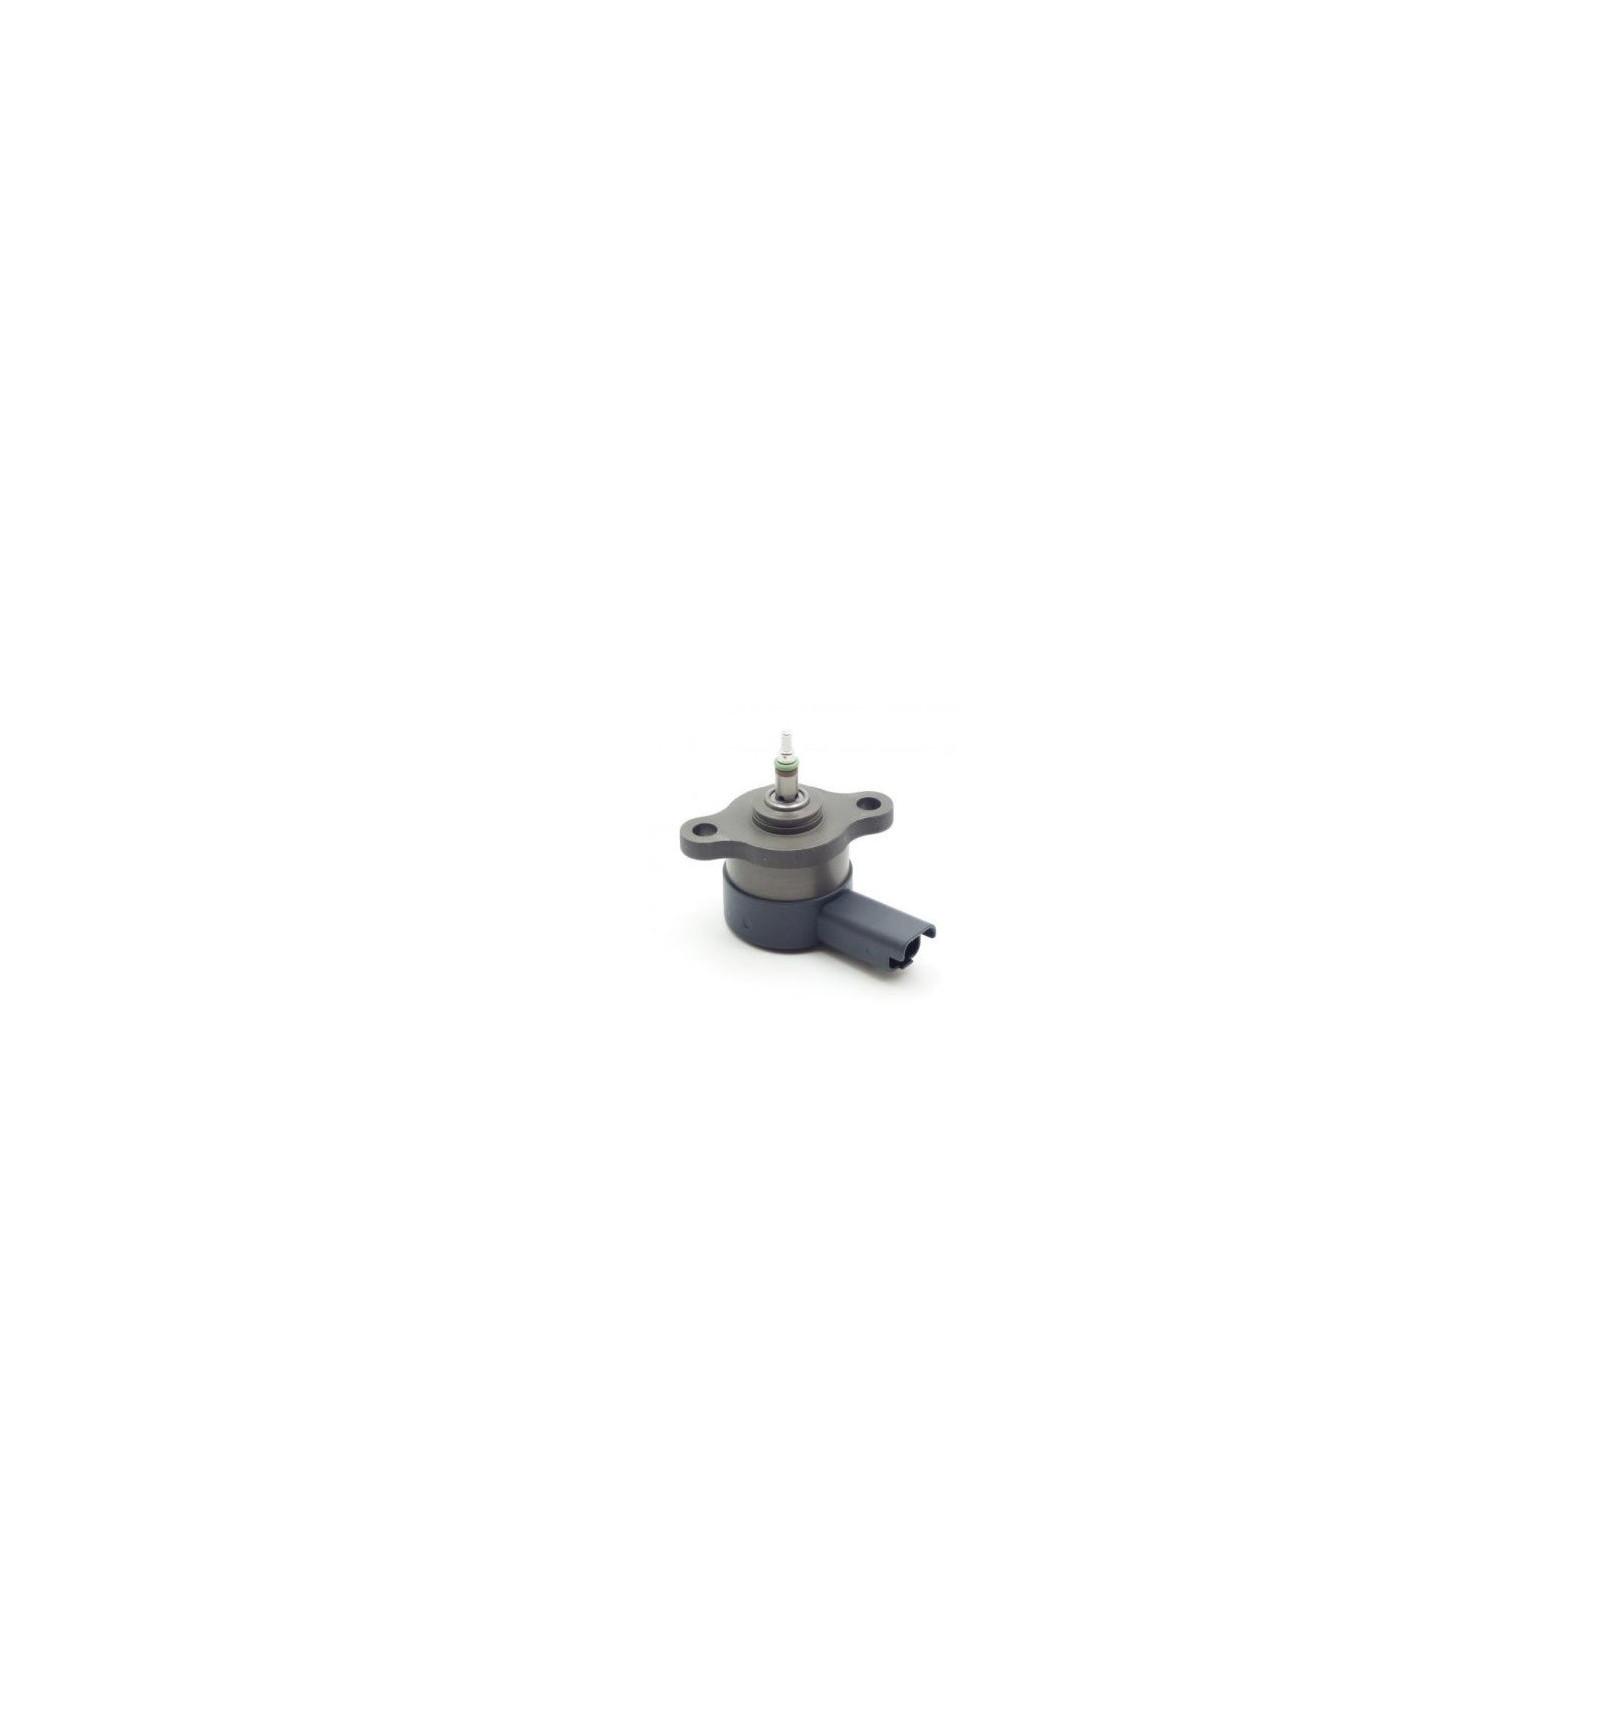 Citroen Valve Regulateur De Pompe Injection Citroen